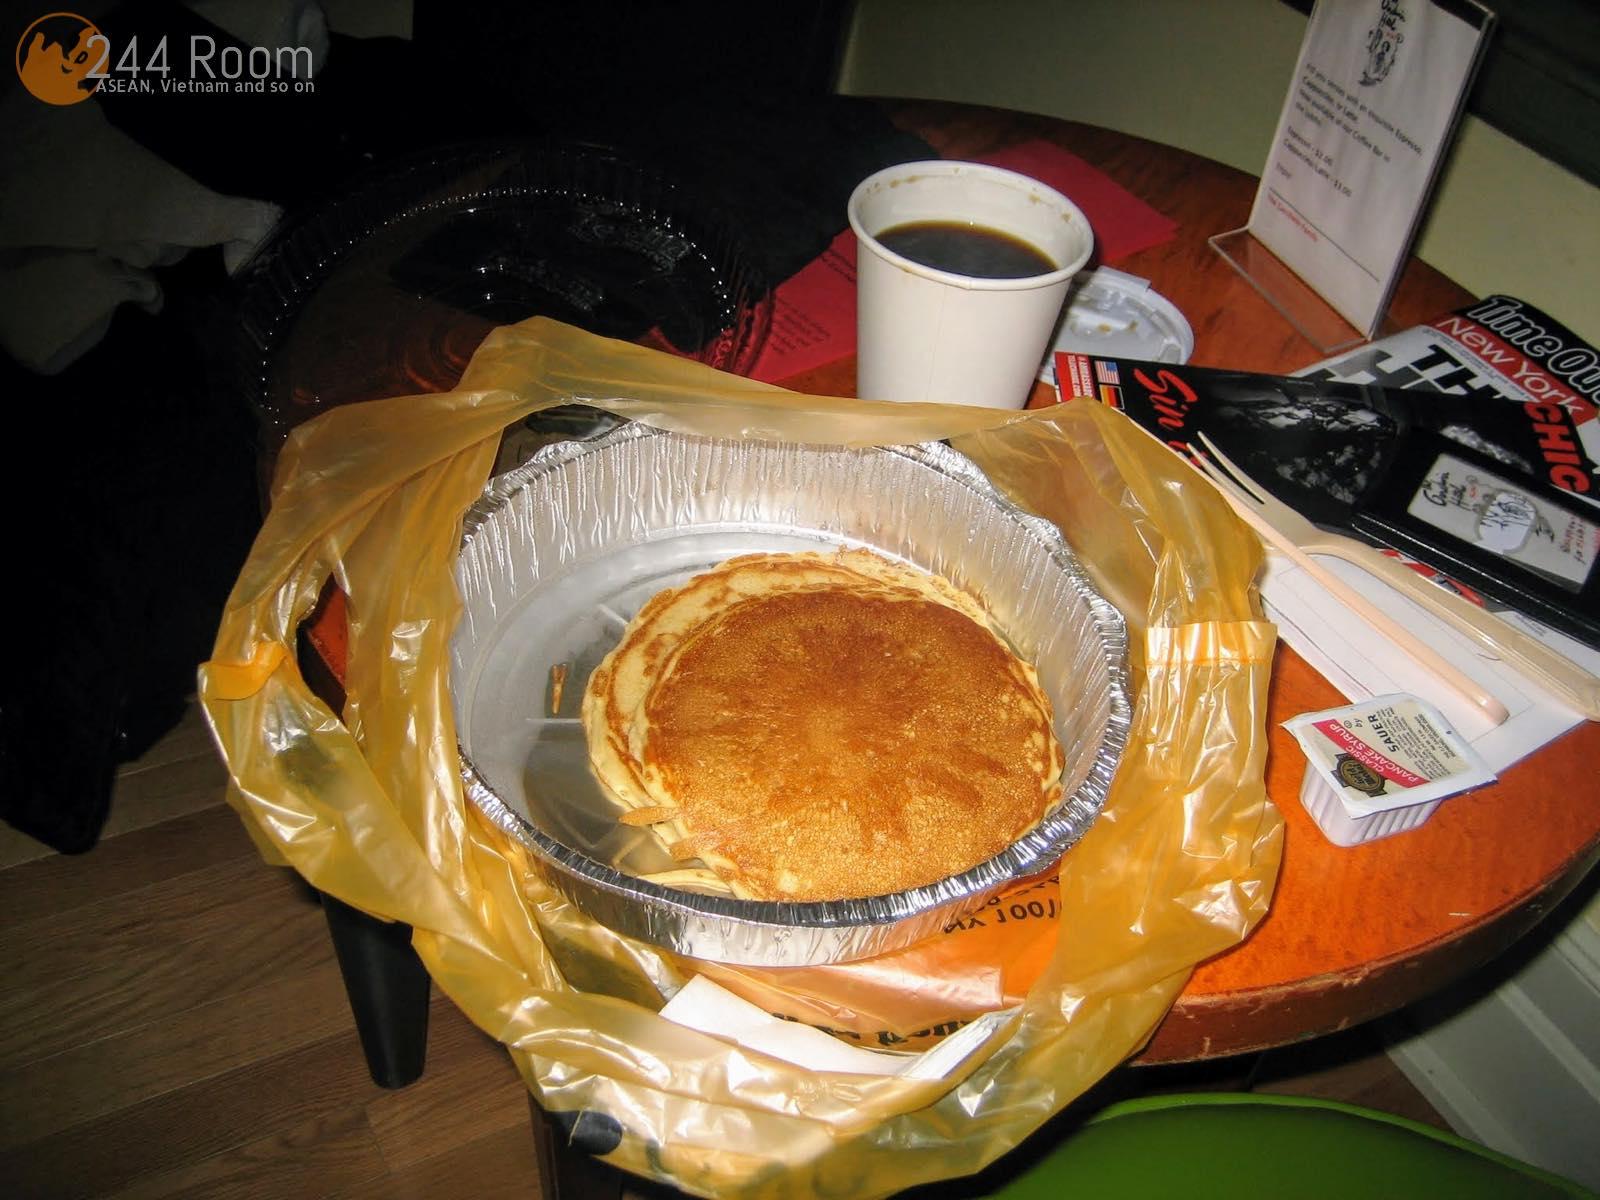 ニューヨークのパンケーキとコーヒー Pancake and coffee in NY